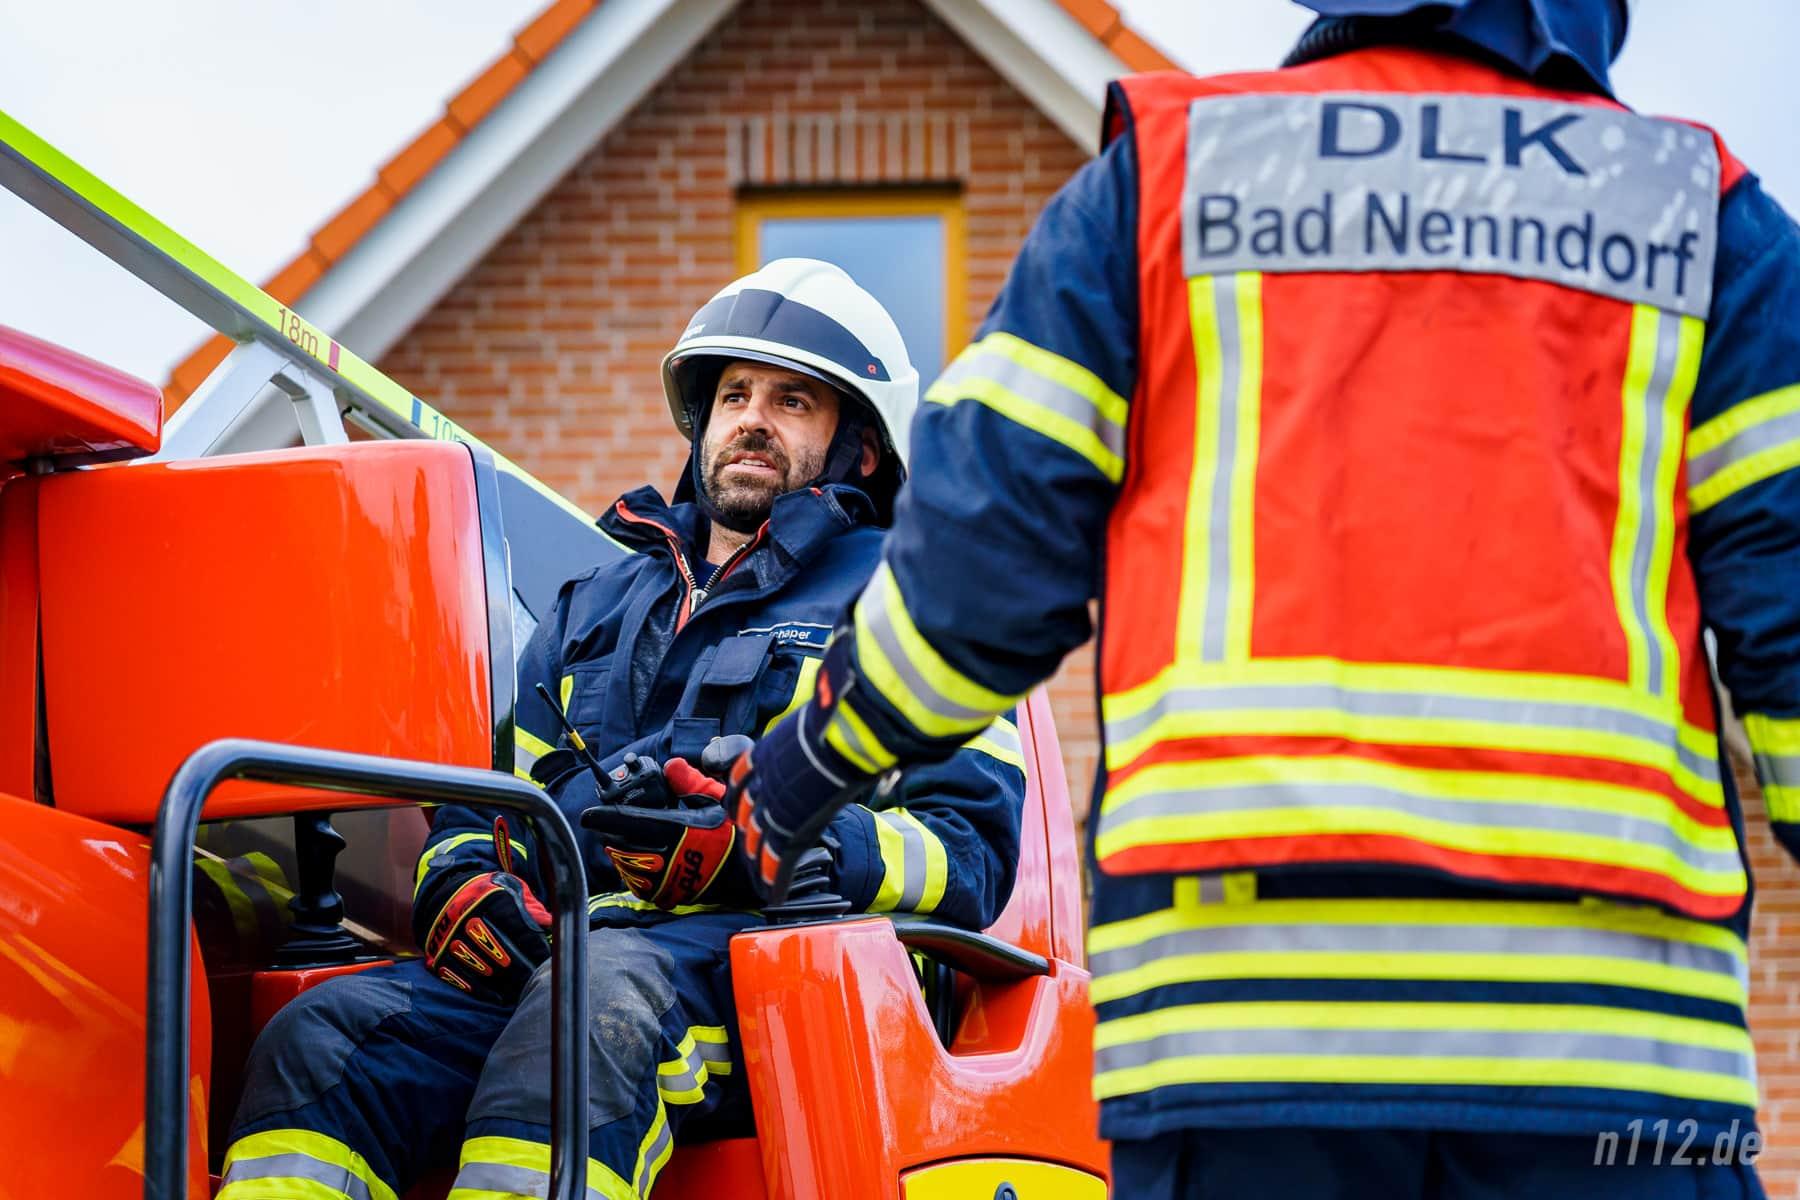 Alles im Blick: Der Maschinist der Drehleiter achtet darauf, dass das Fahrzeug immer sicher steht und ausbalanciert ist (Foto: n112.de/Stefan Simonsen)